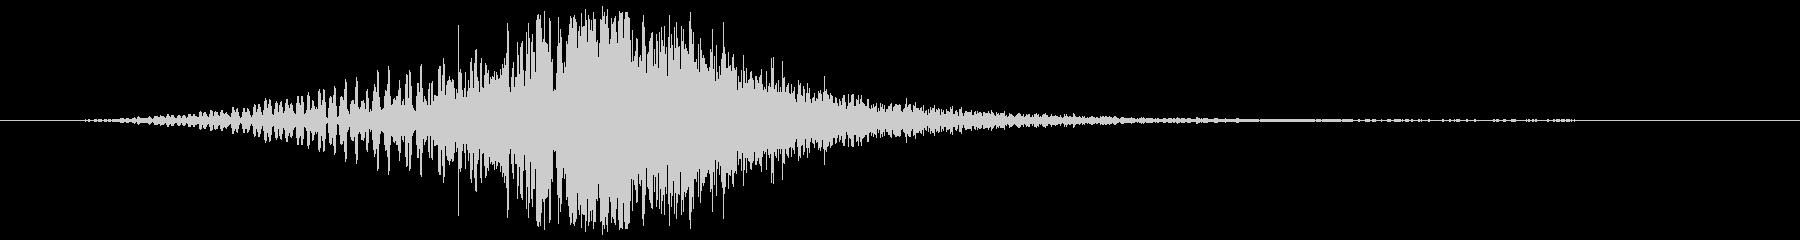 ホイッピングアーチヒューシュの未再生の波形